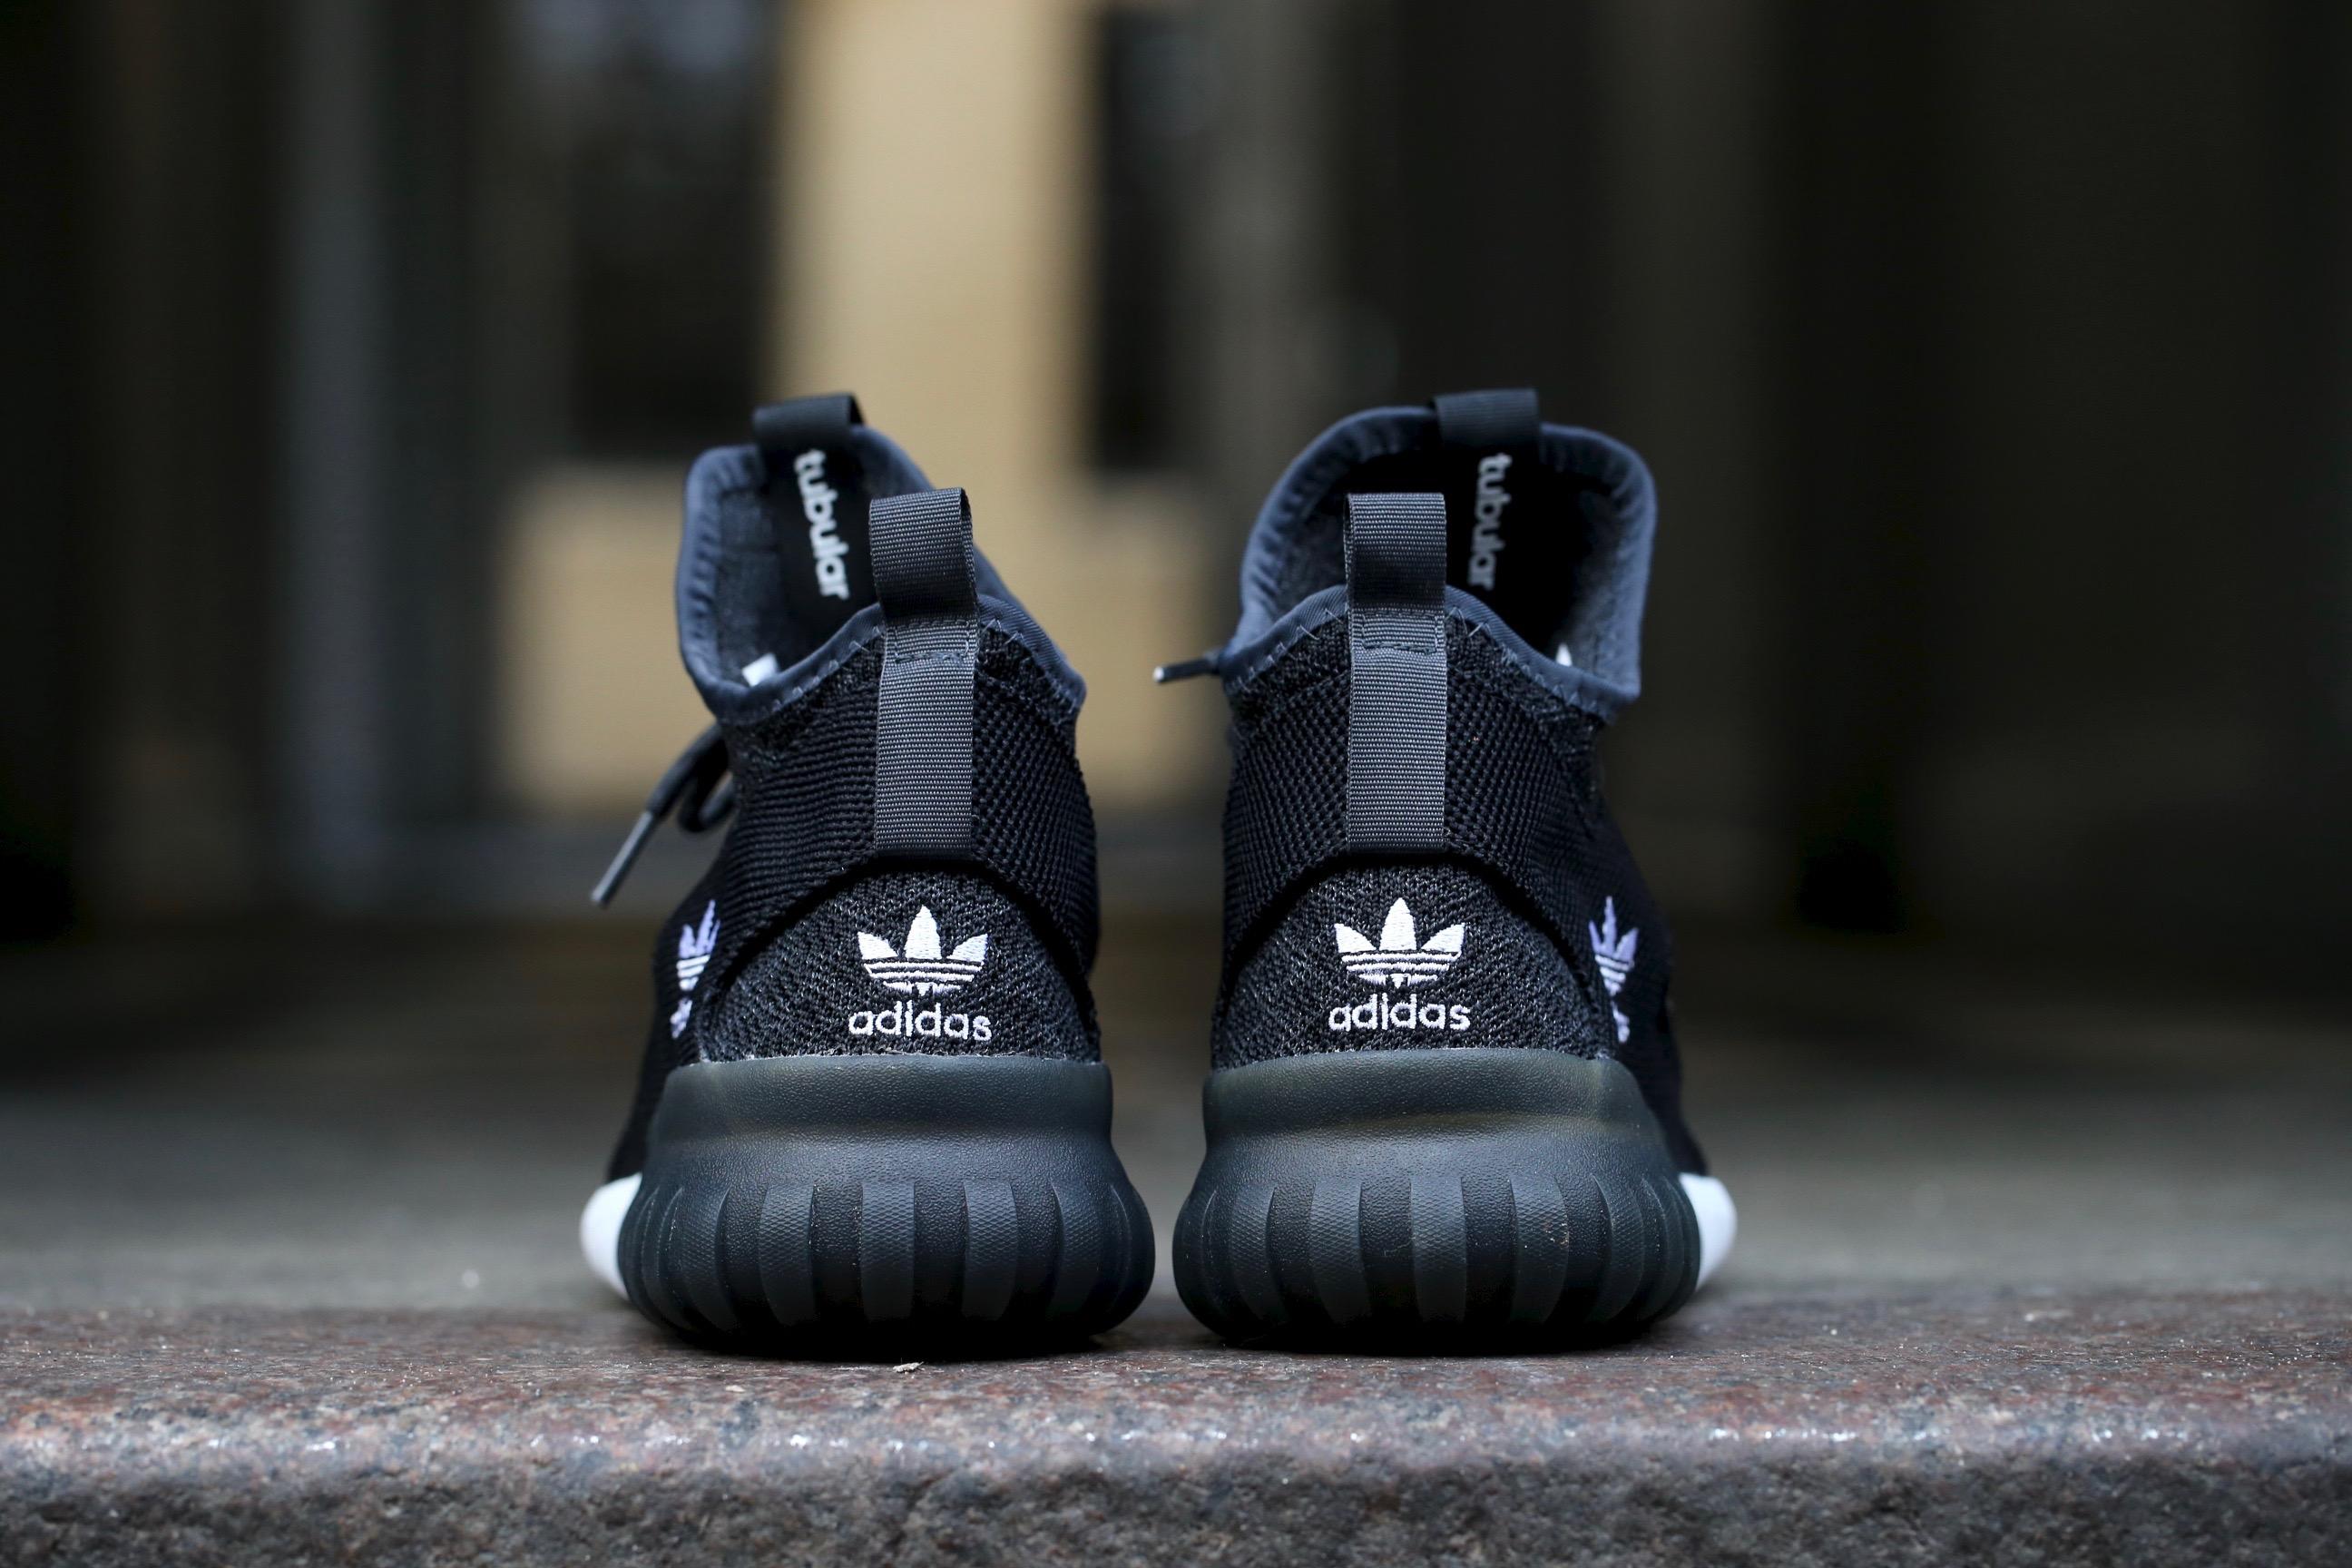 Adidas Originaler X Rørformet Primeknit nOB2WG0G